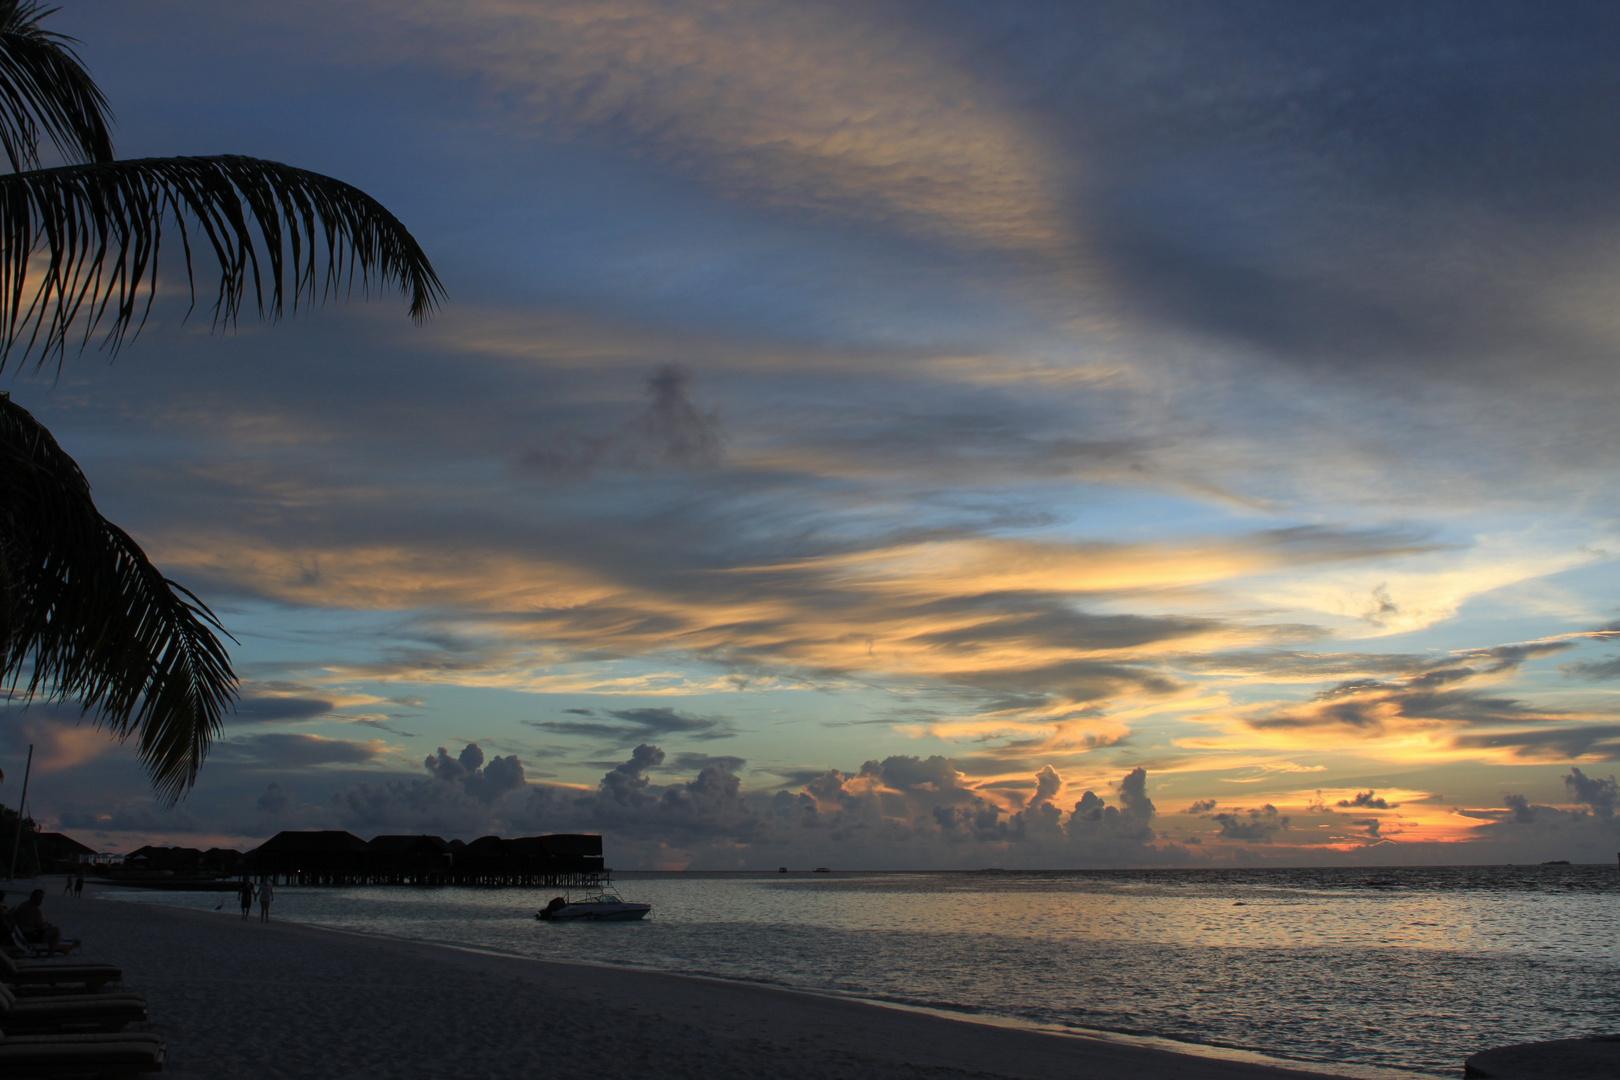 Sunset im Indischen Ozean